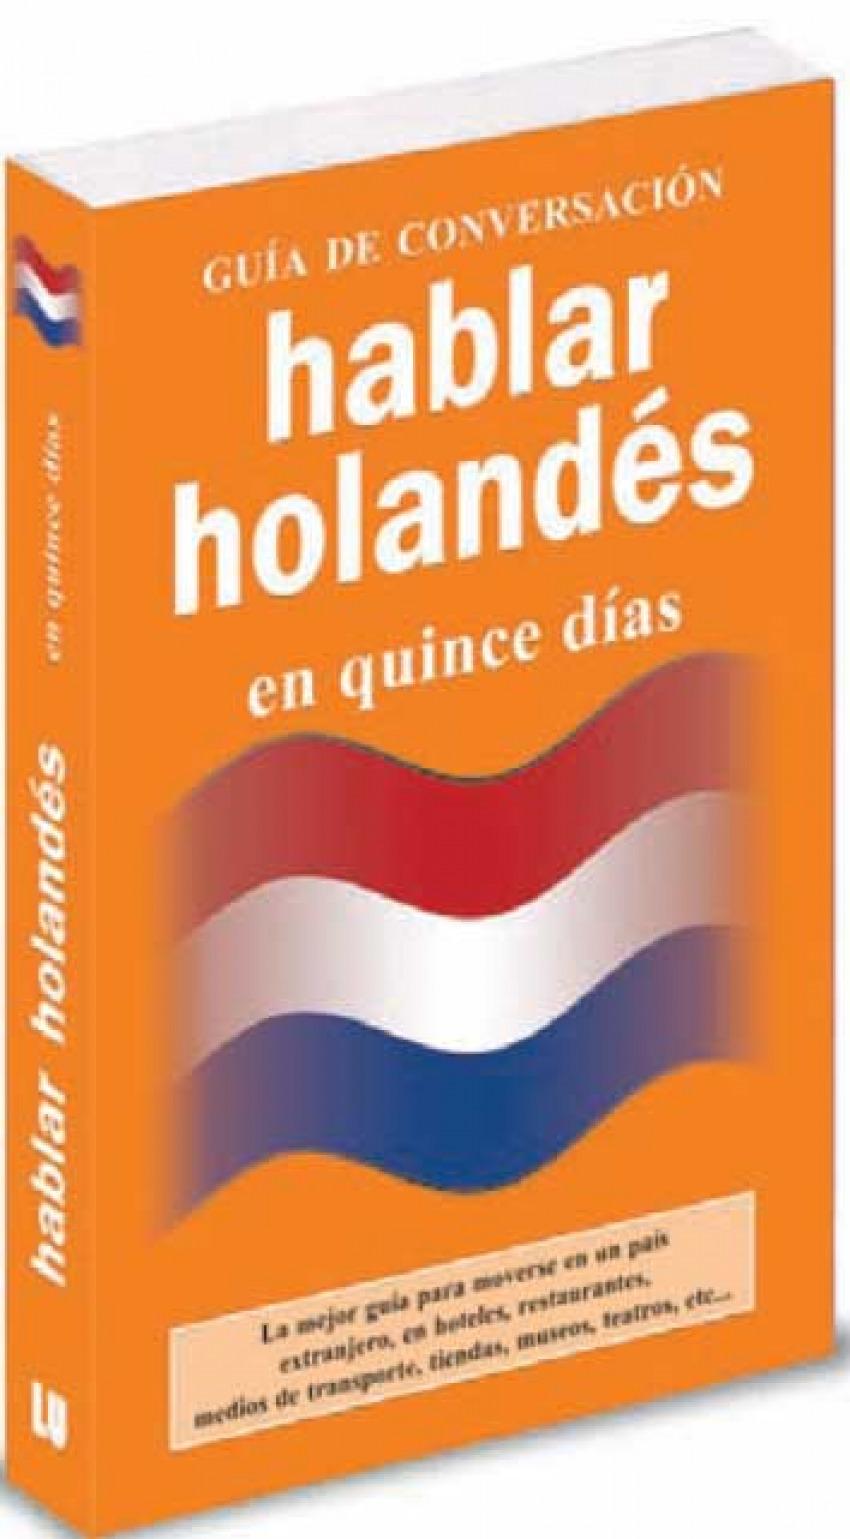 Hablar holandés en quince días 9788496865273